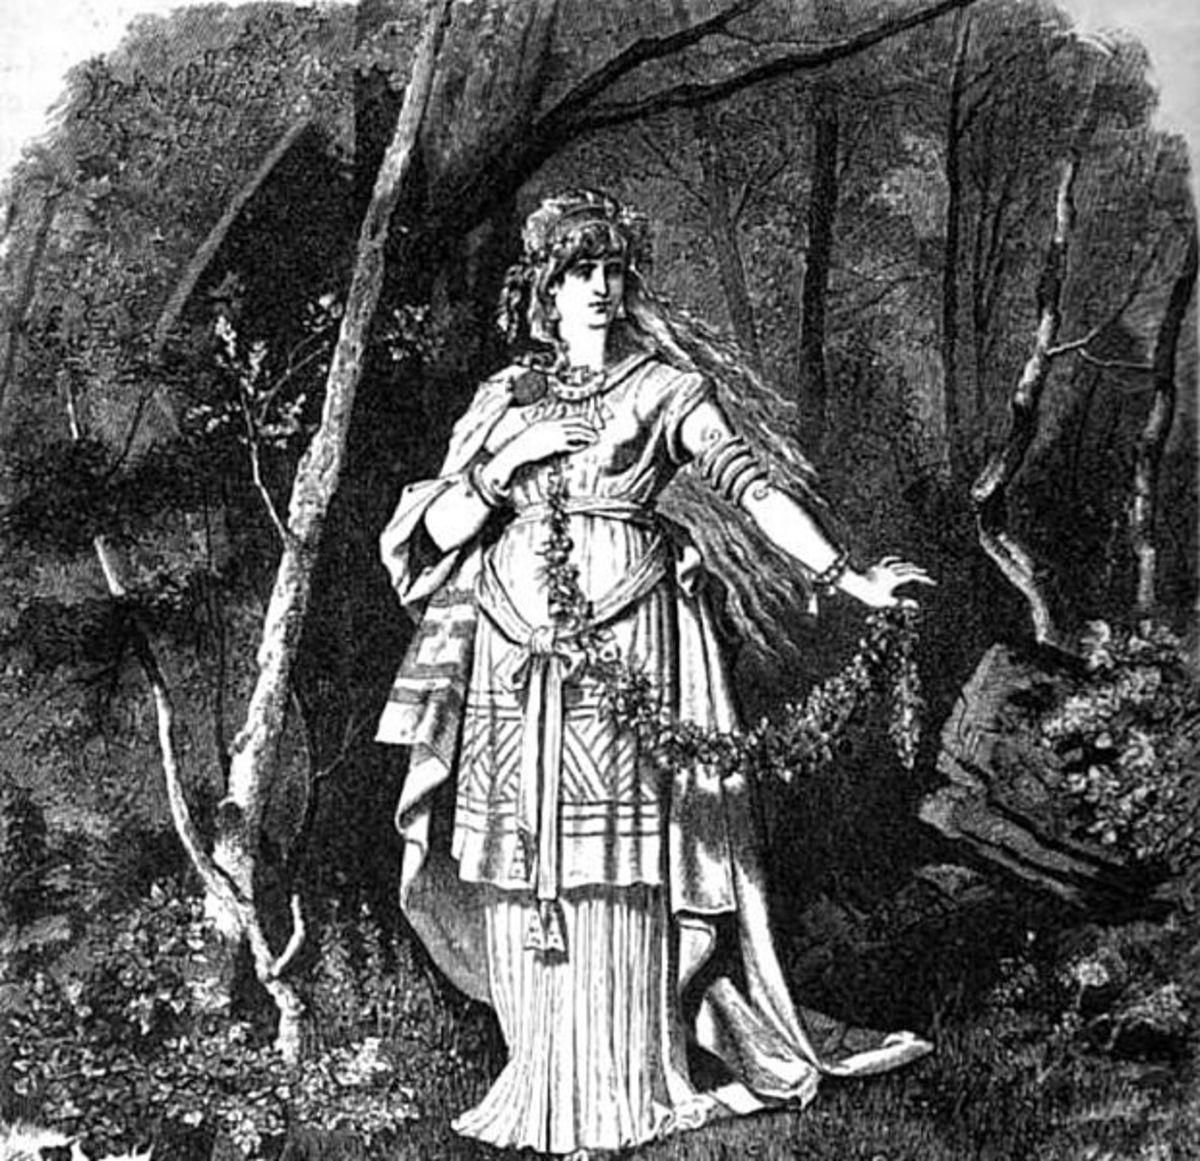 Freyja in the Woods, by Emil Doepler c. 1882